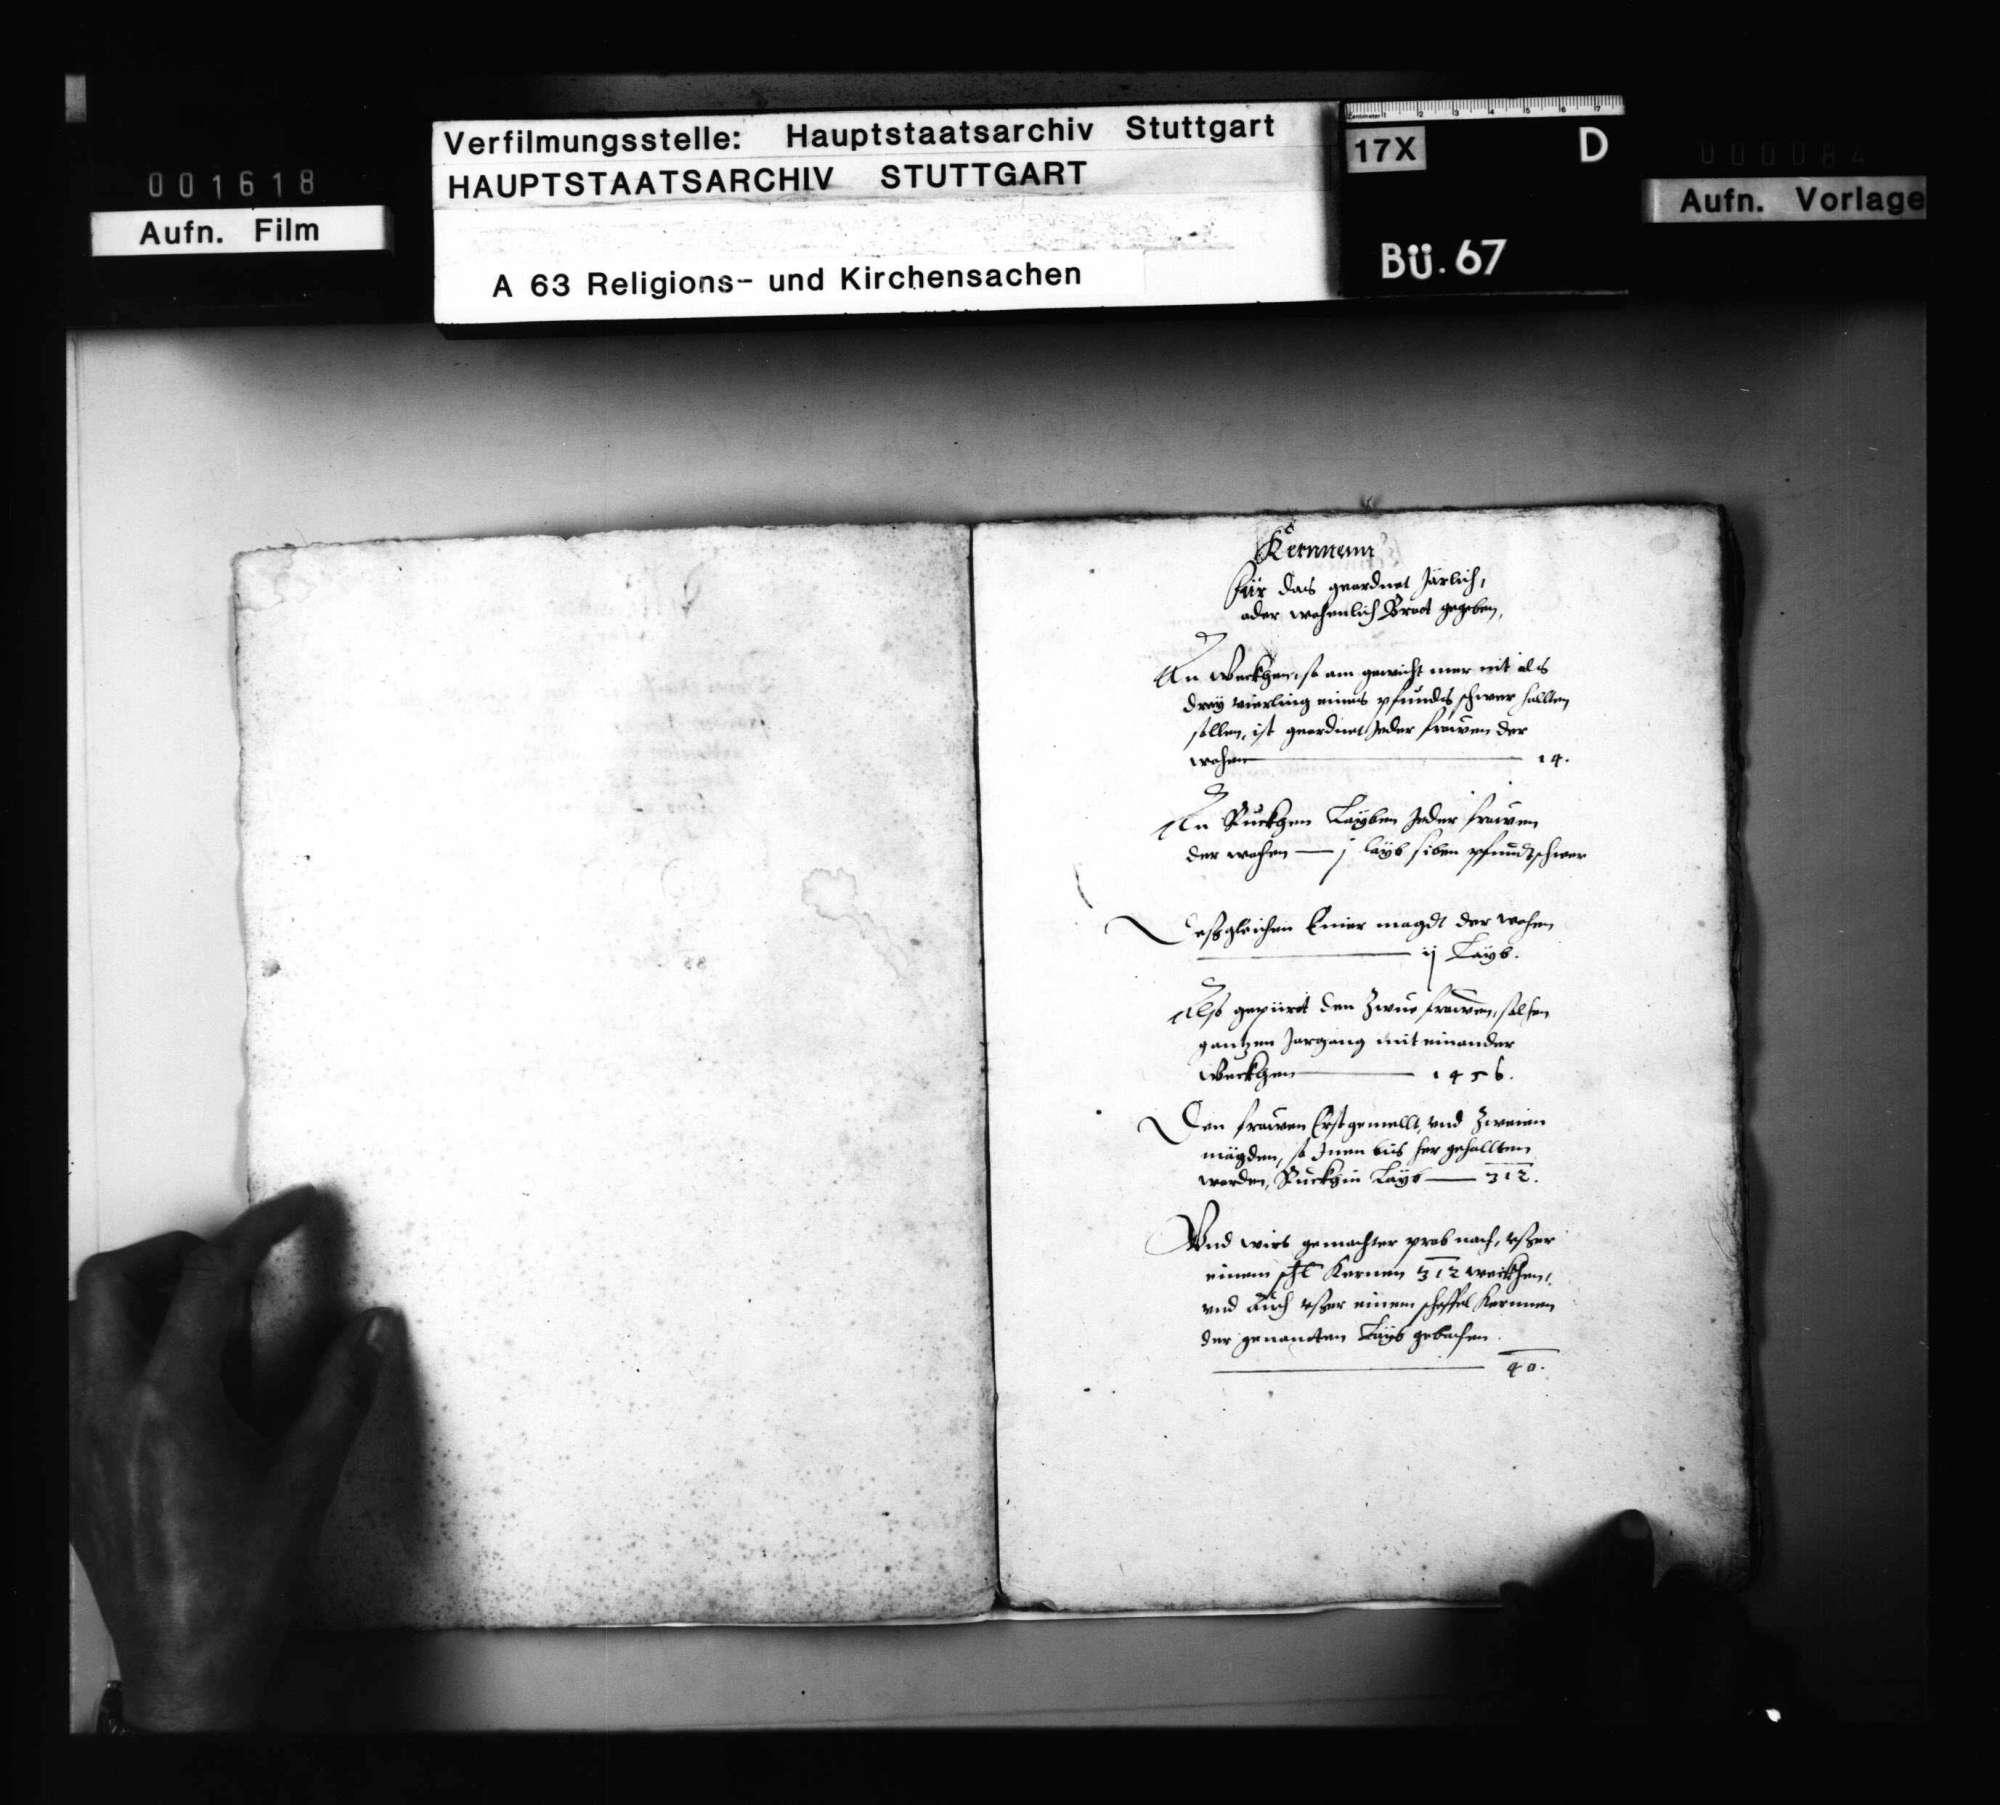 Partikularrechnung (Folio - Heft) über das Unterhaltsdeputat der noch lebenden 2 Klosterfrauen in einem ungenannten Kloster (wahrscheinlich Pfullingen)., Bild 2